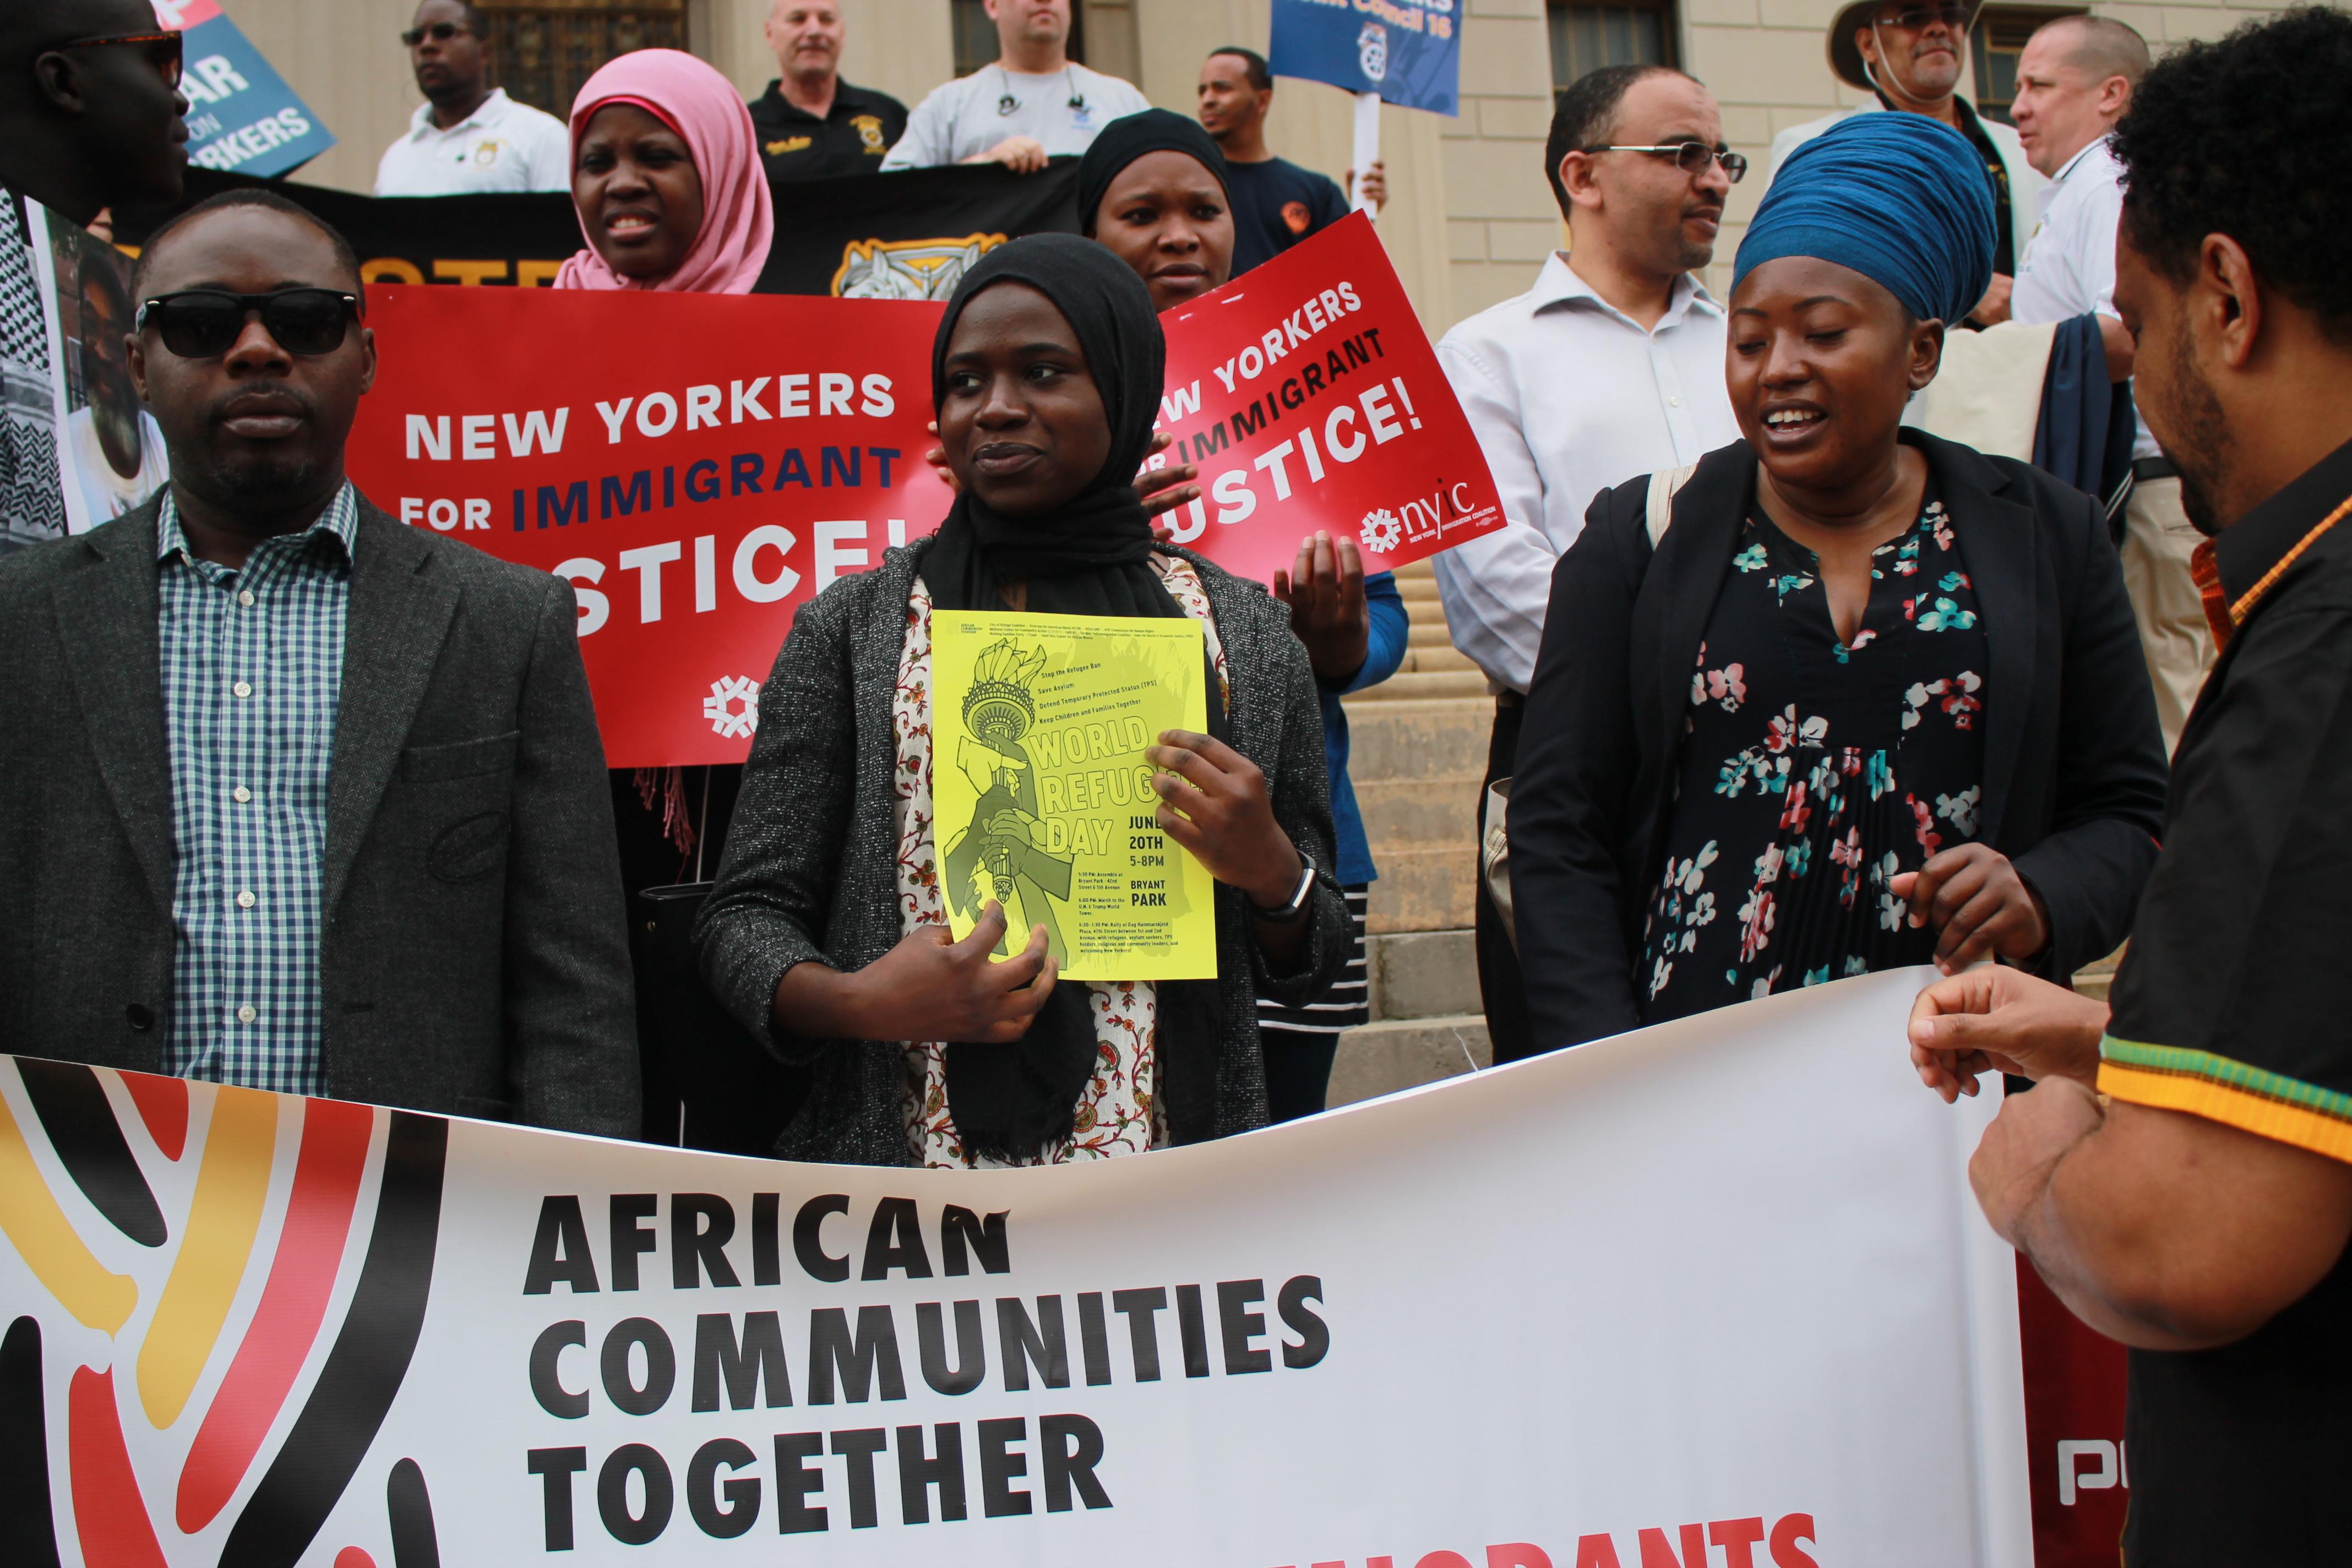 La Mort de Mouctar Diallo: Les communautés Africaines demandent justice